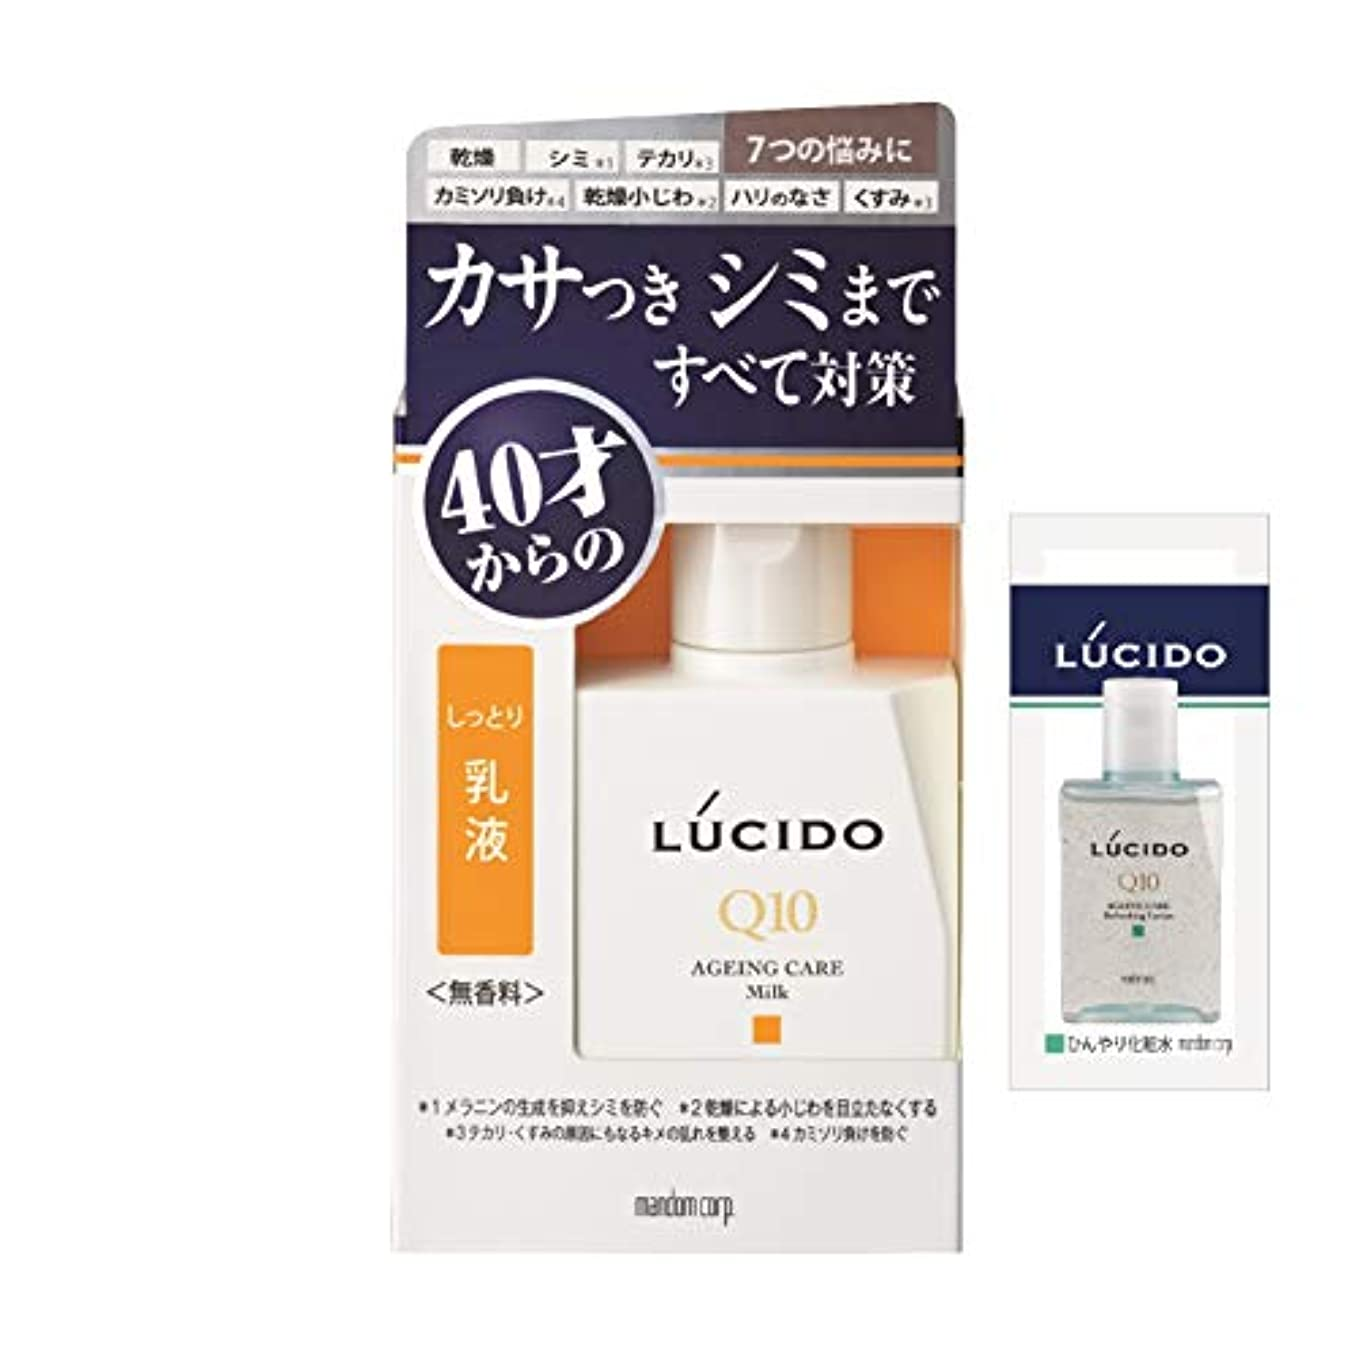 乱雑な引っ張るまた明日ね【Amazon.co.jp限定】 LUCIDO(ルシード) ルシード 薬用 トータルケア乳液 (医薬部外品) 100ml+サンプル付